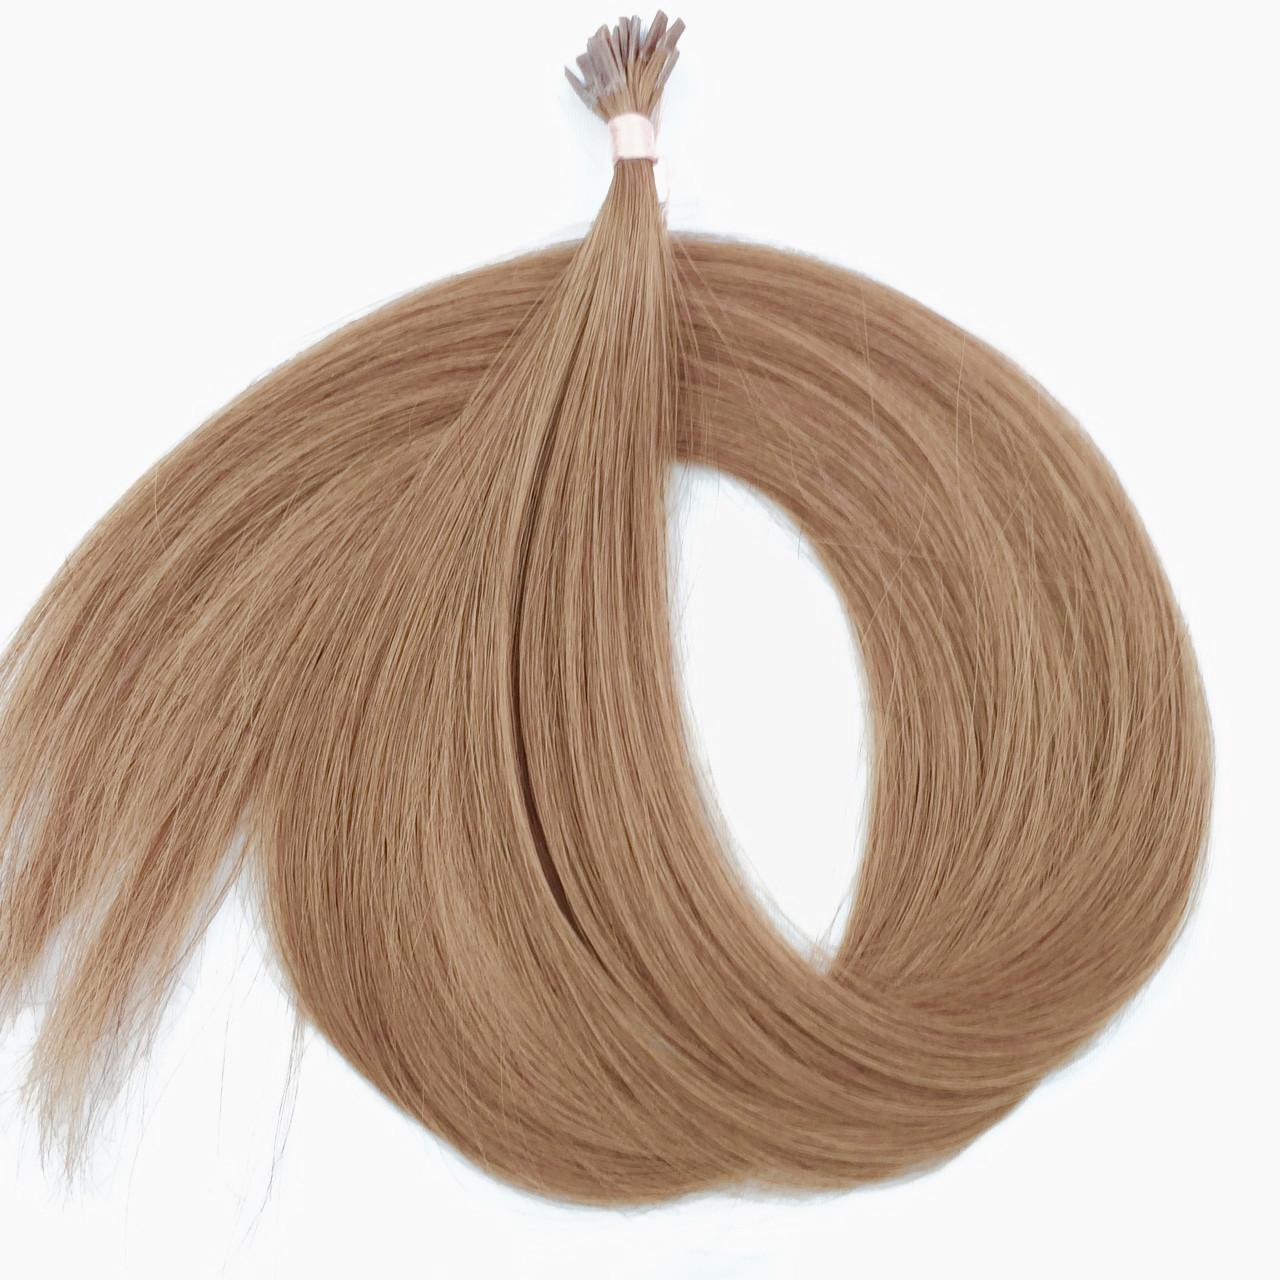 Славянские волосы на капсулах купить